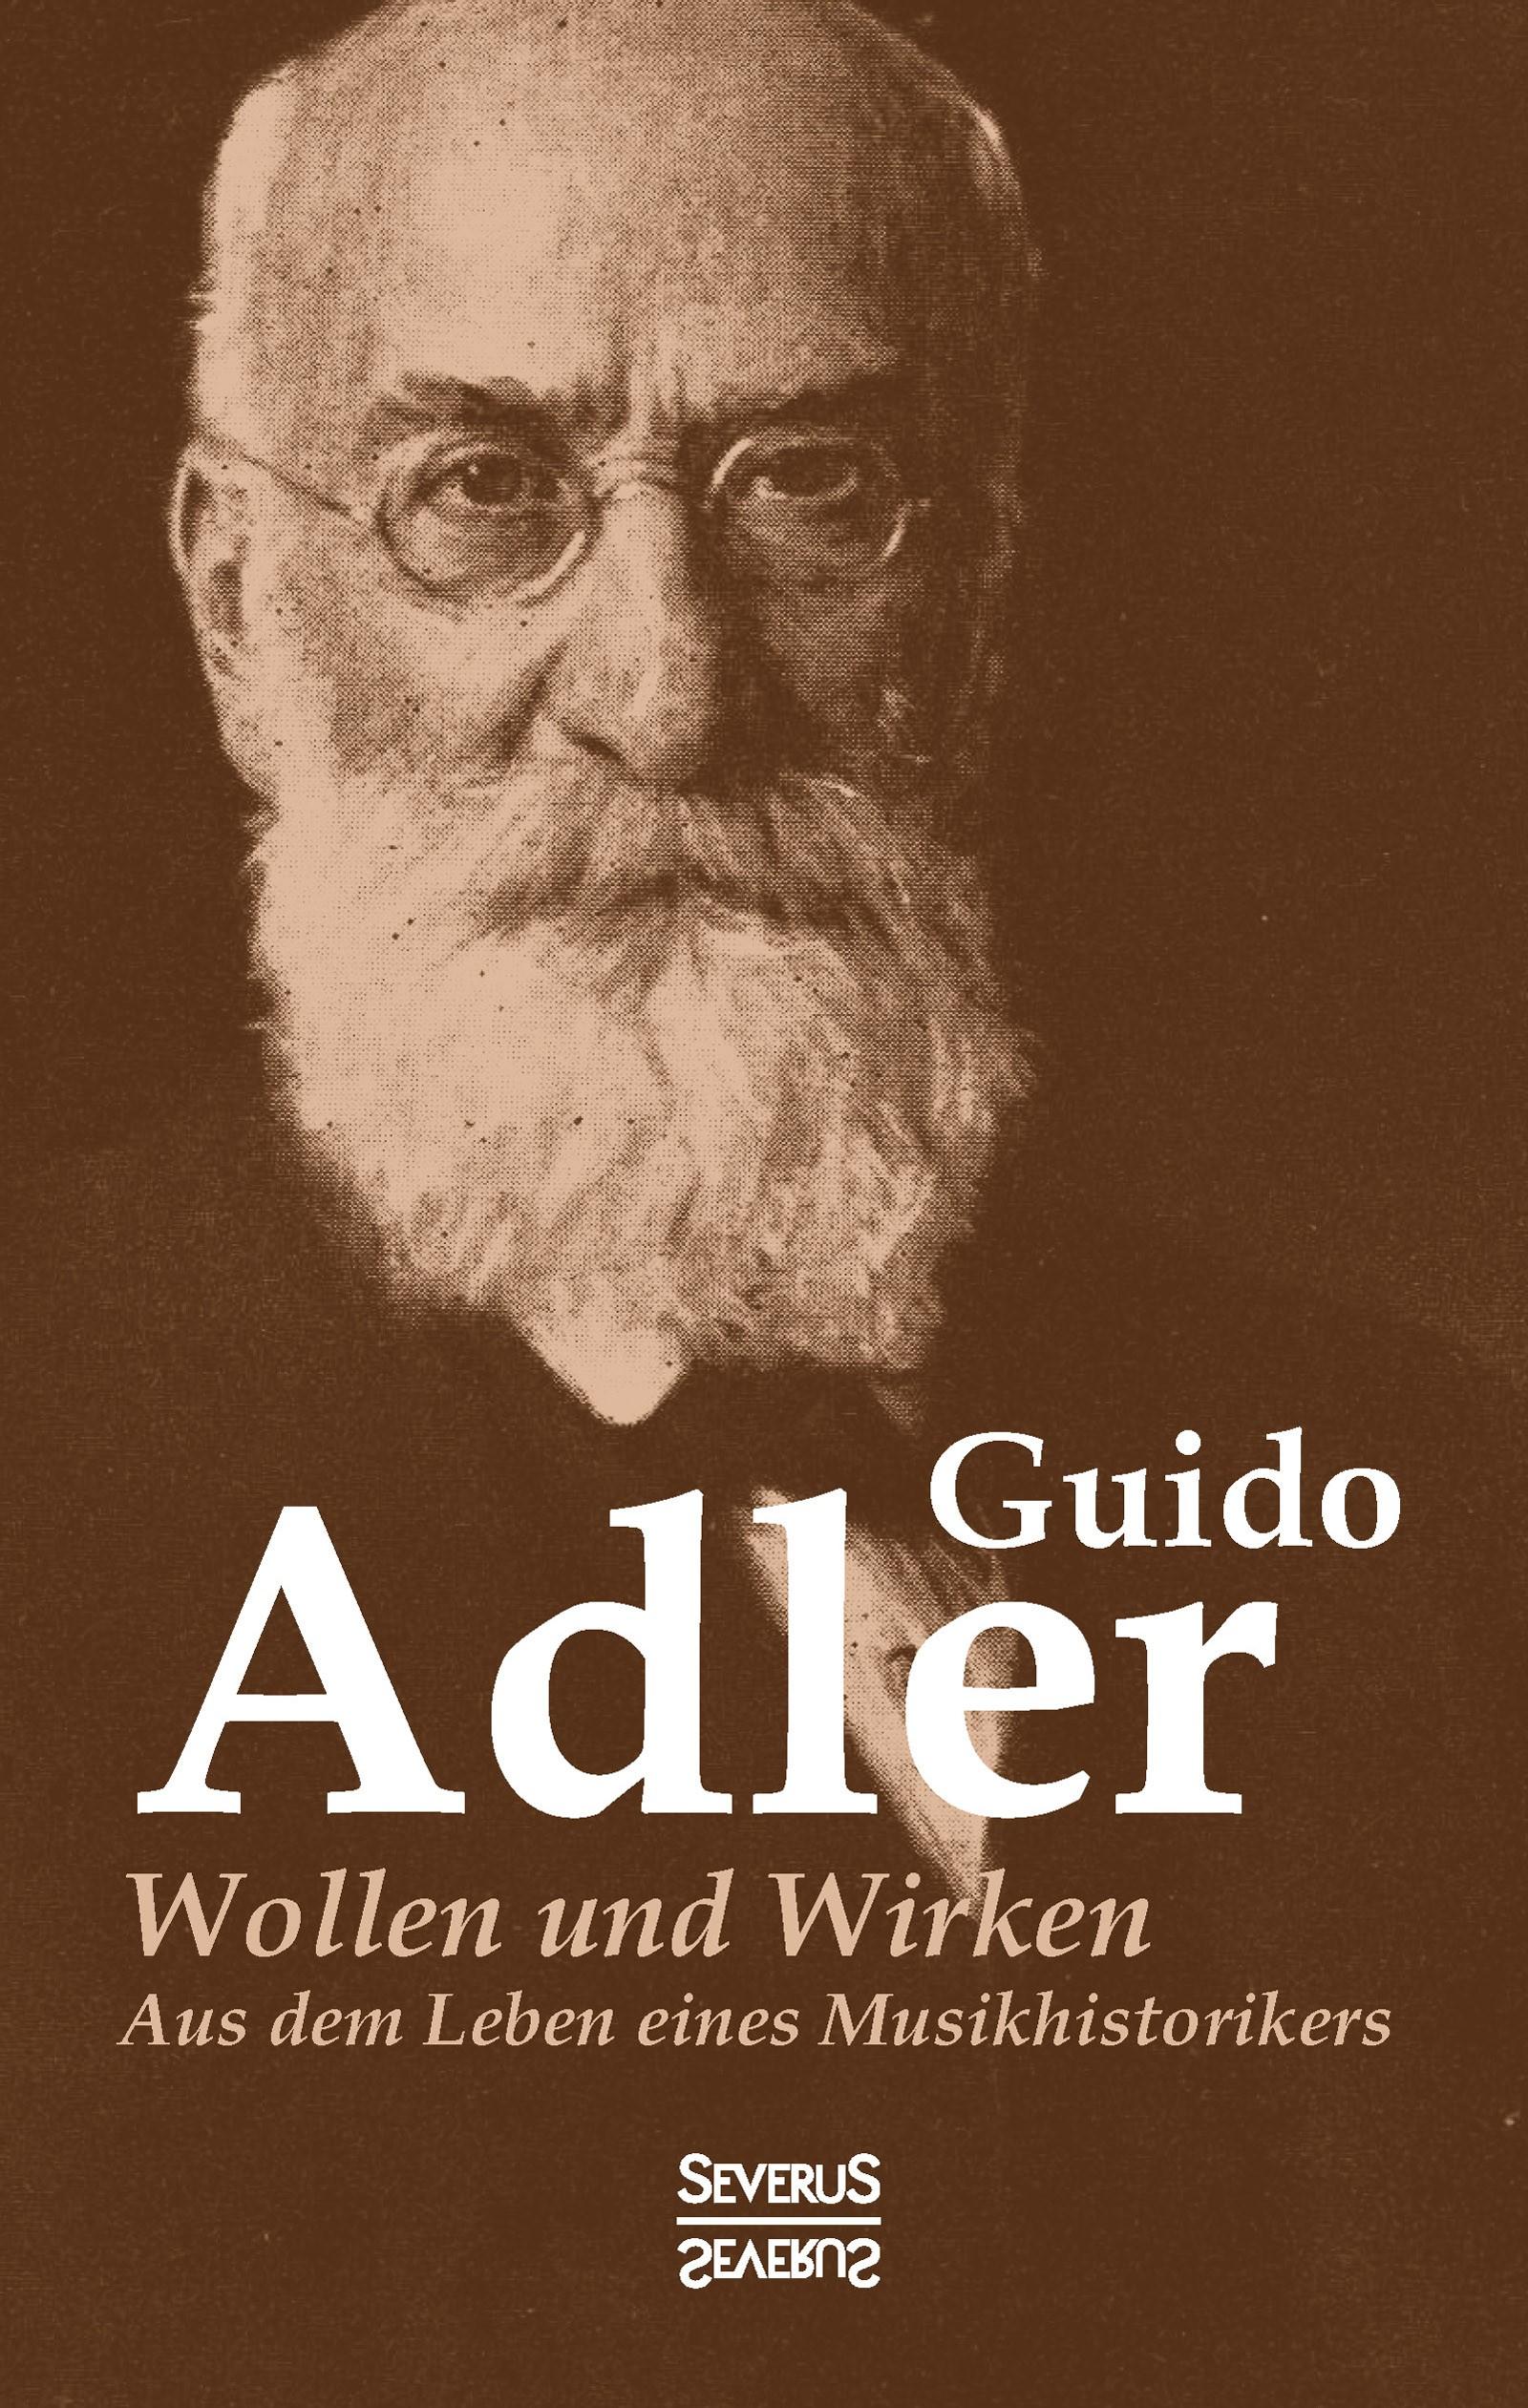 Wollen und Wirken: aus dem Leben eines Musikhistorikers | Adler, 2016 | Buch (Cover)